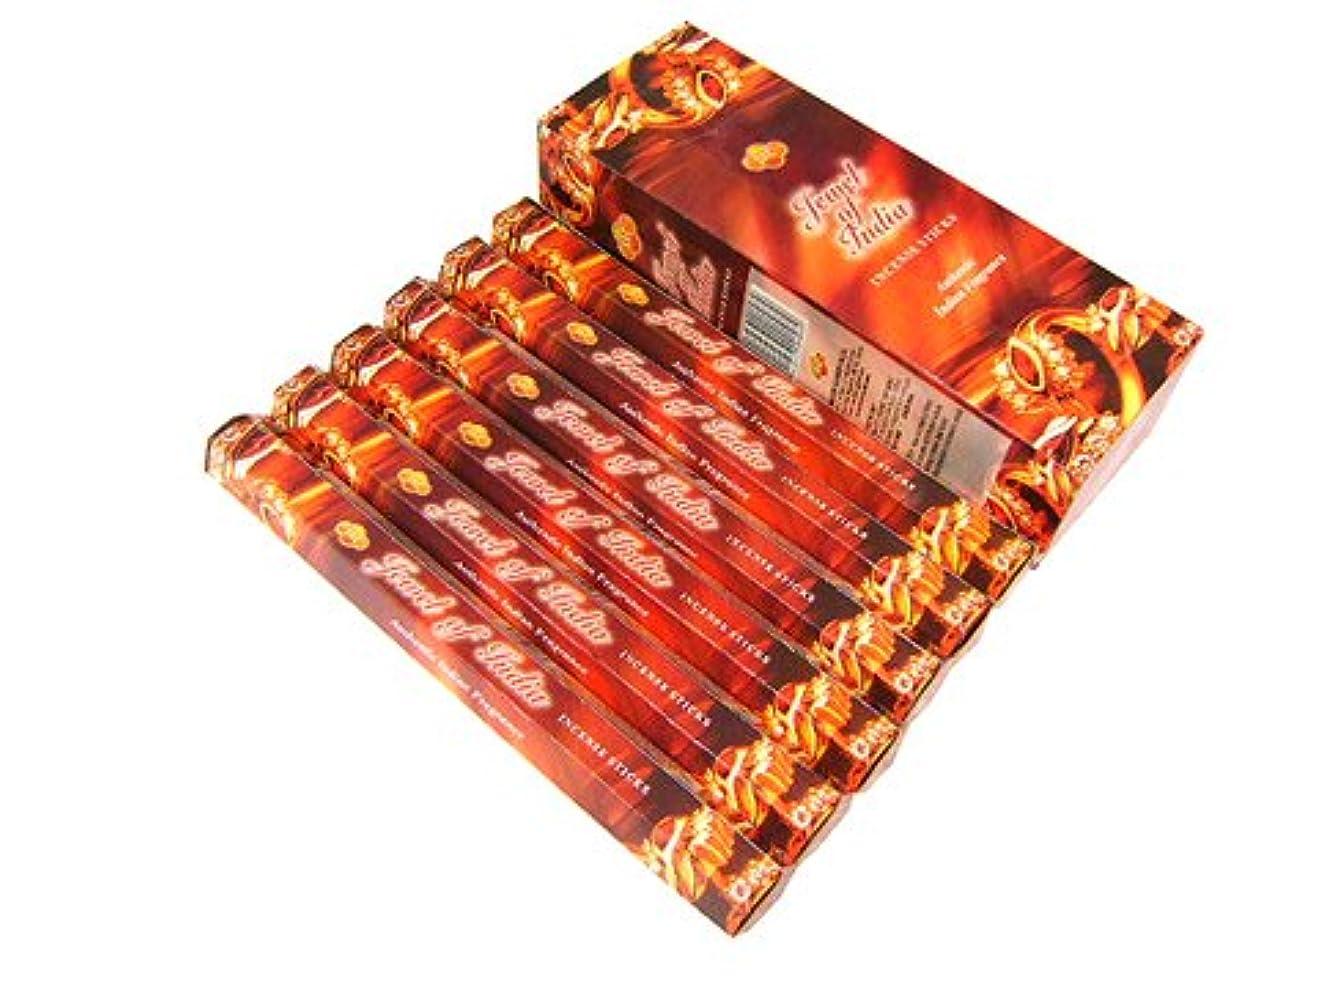 ピクニックキャンペーン使い込むSANDESH SAC (サンデッシュ) ジュエルオブインディア香 スティック JEWEL OF INDIA 6箱セット